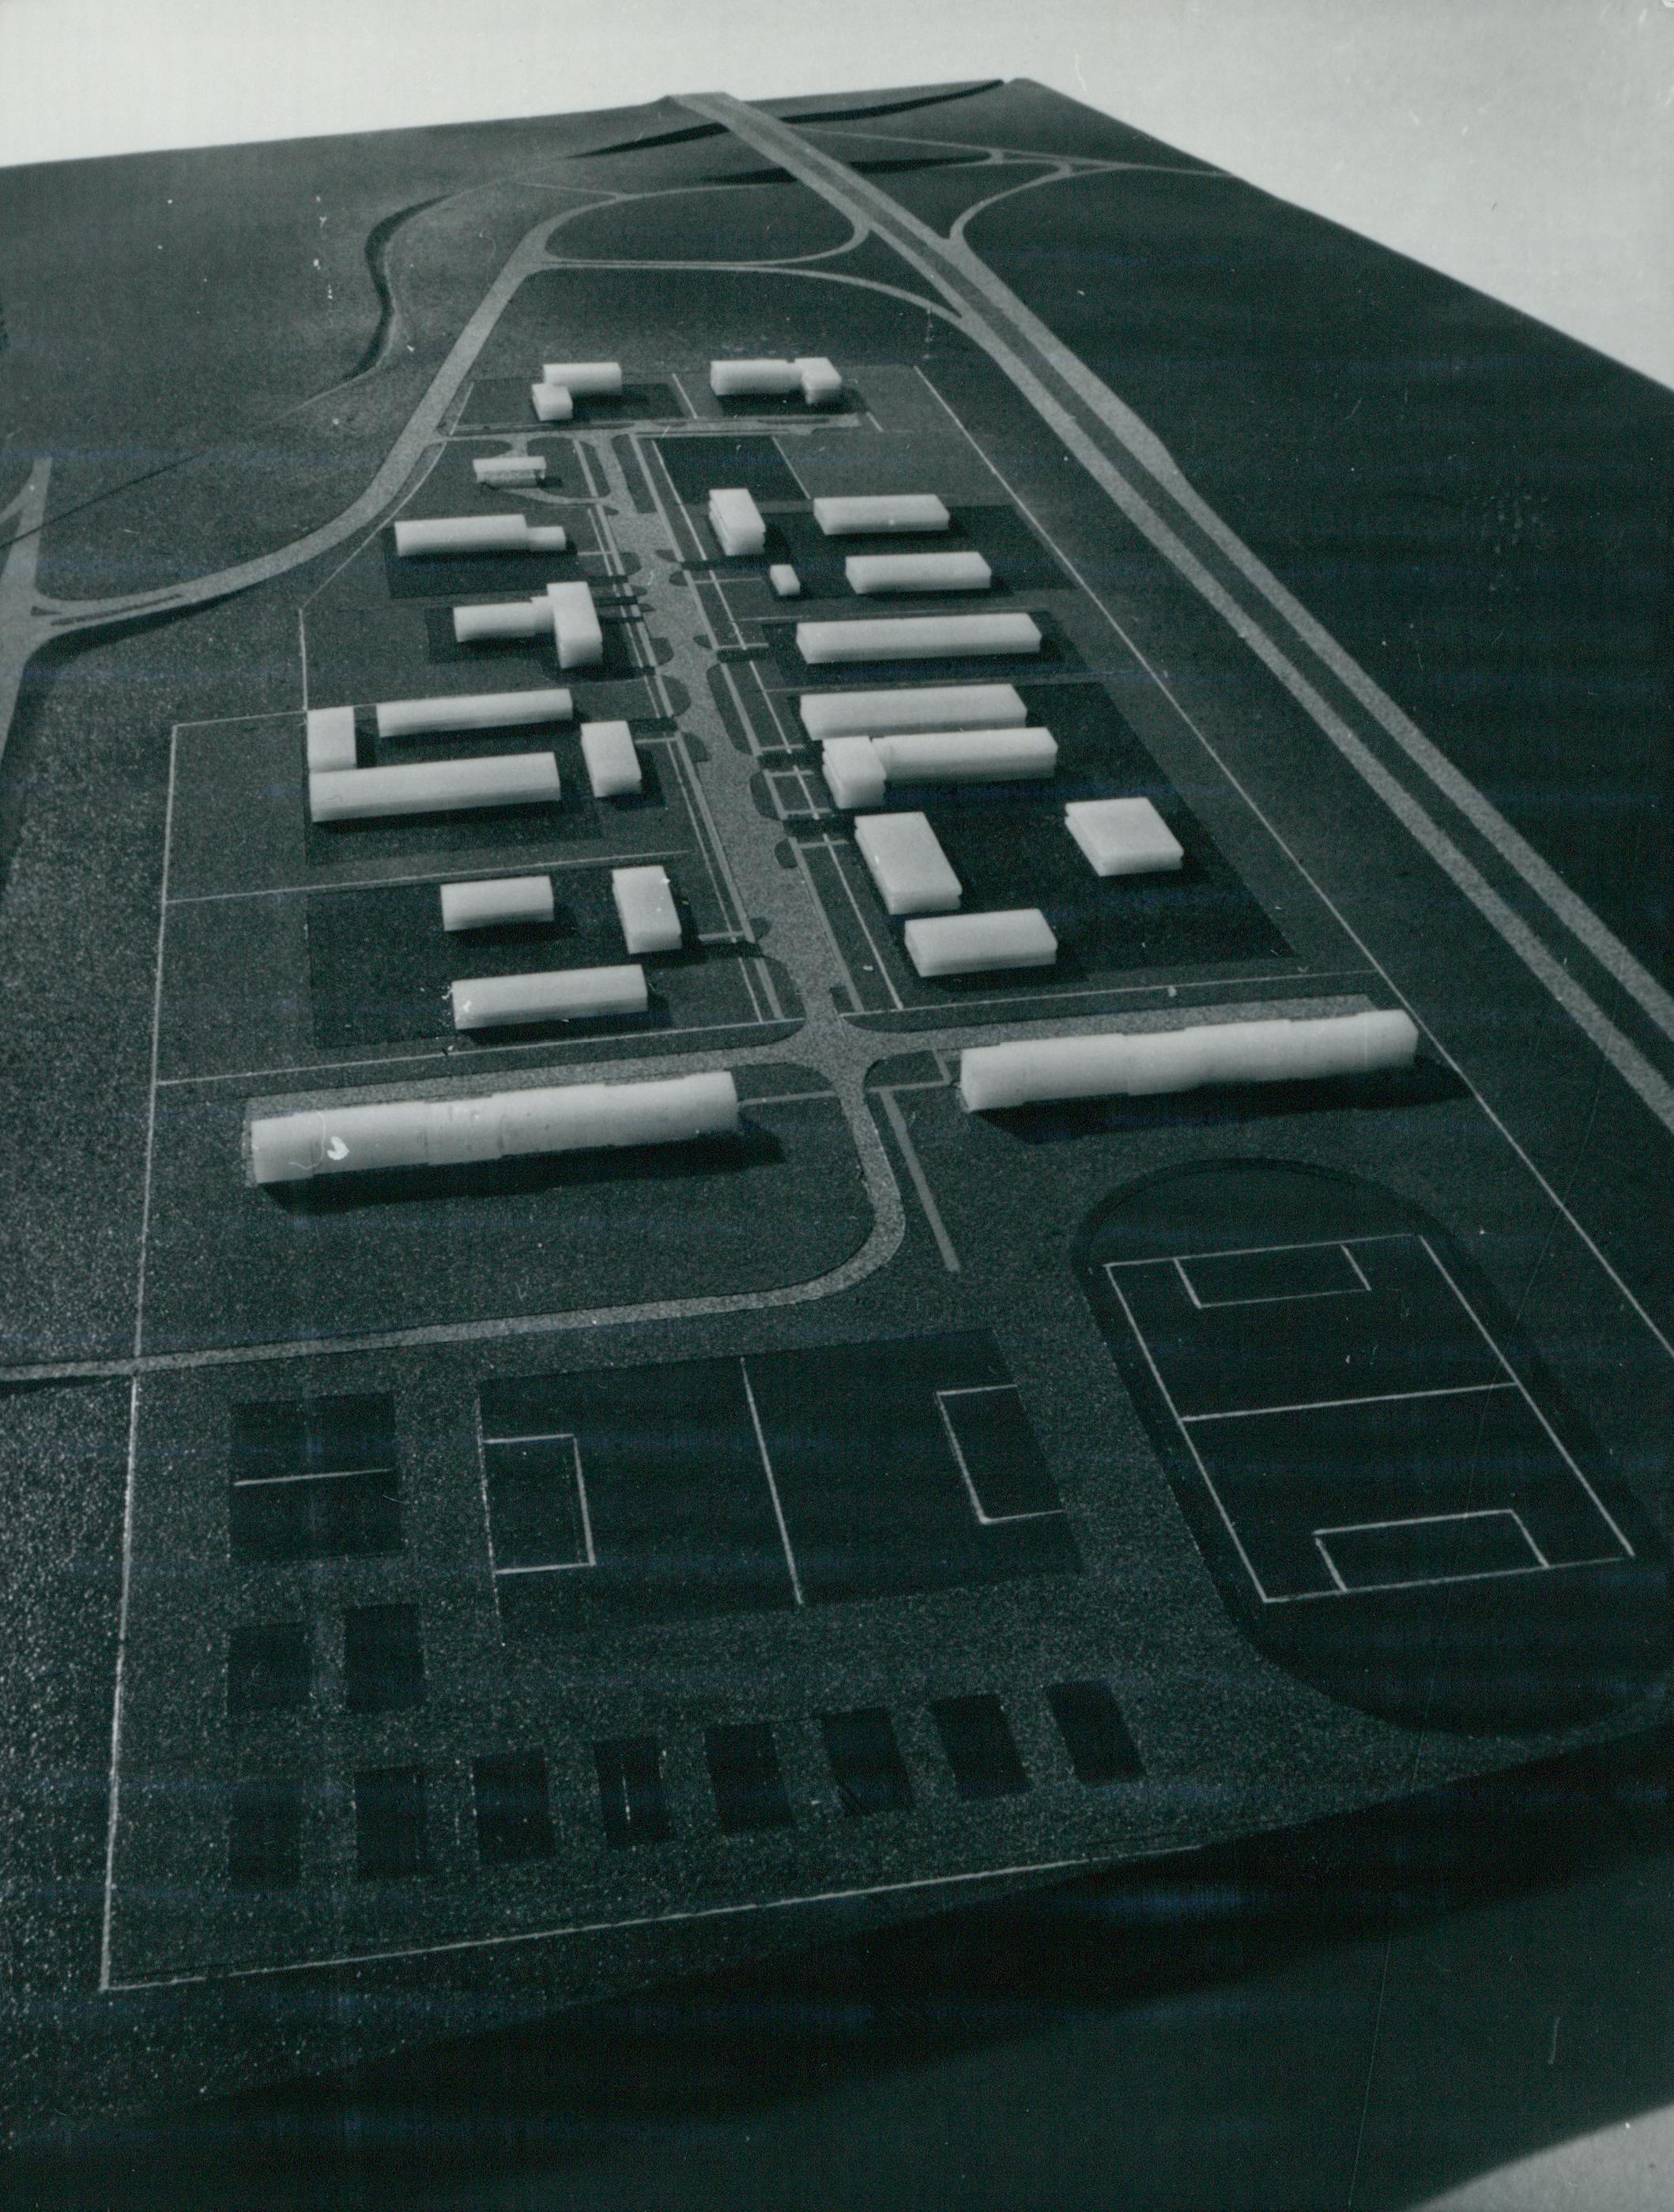 A törökbálinti üzemeltetési bázis modellje